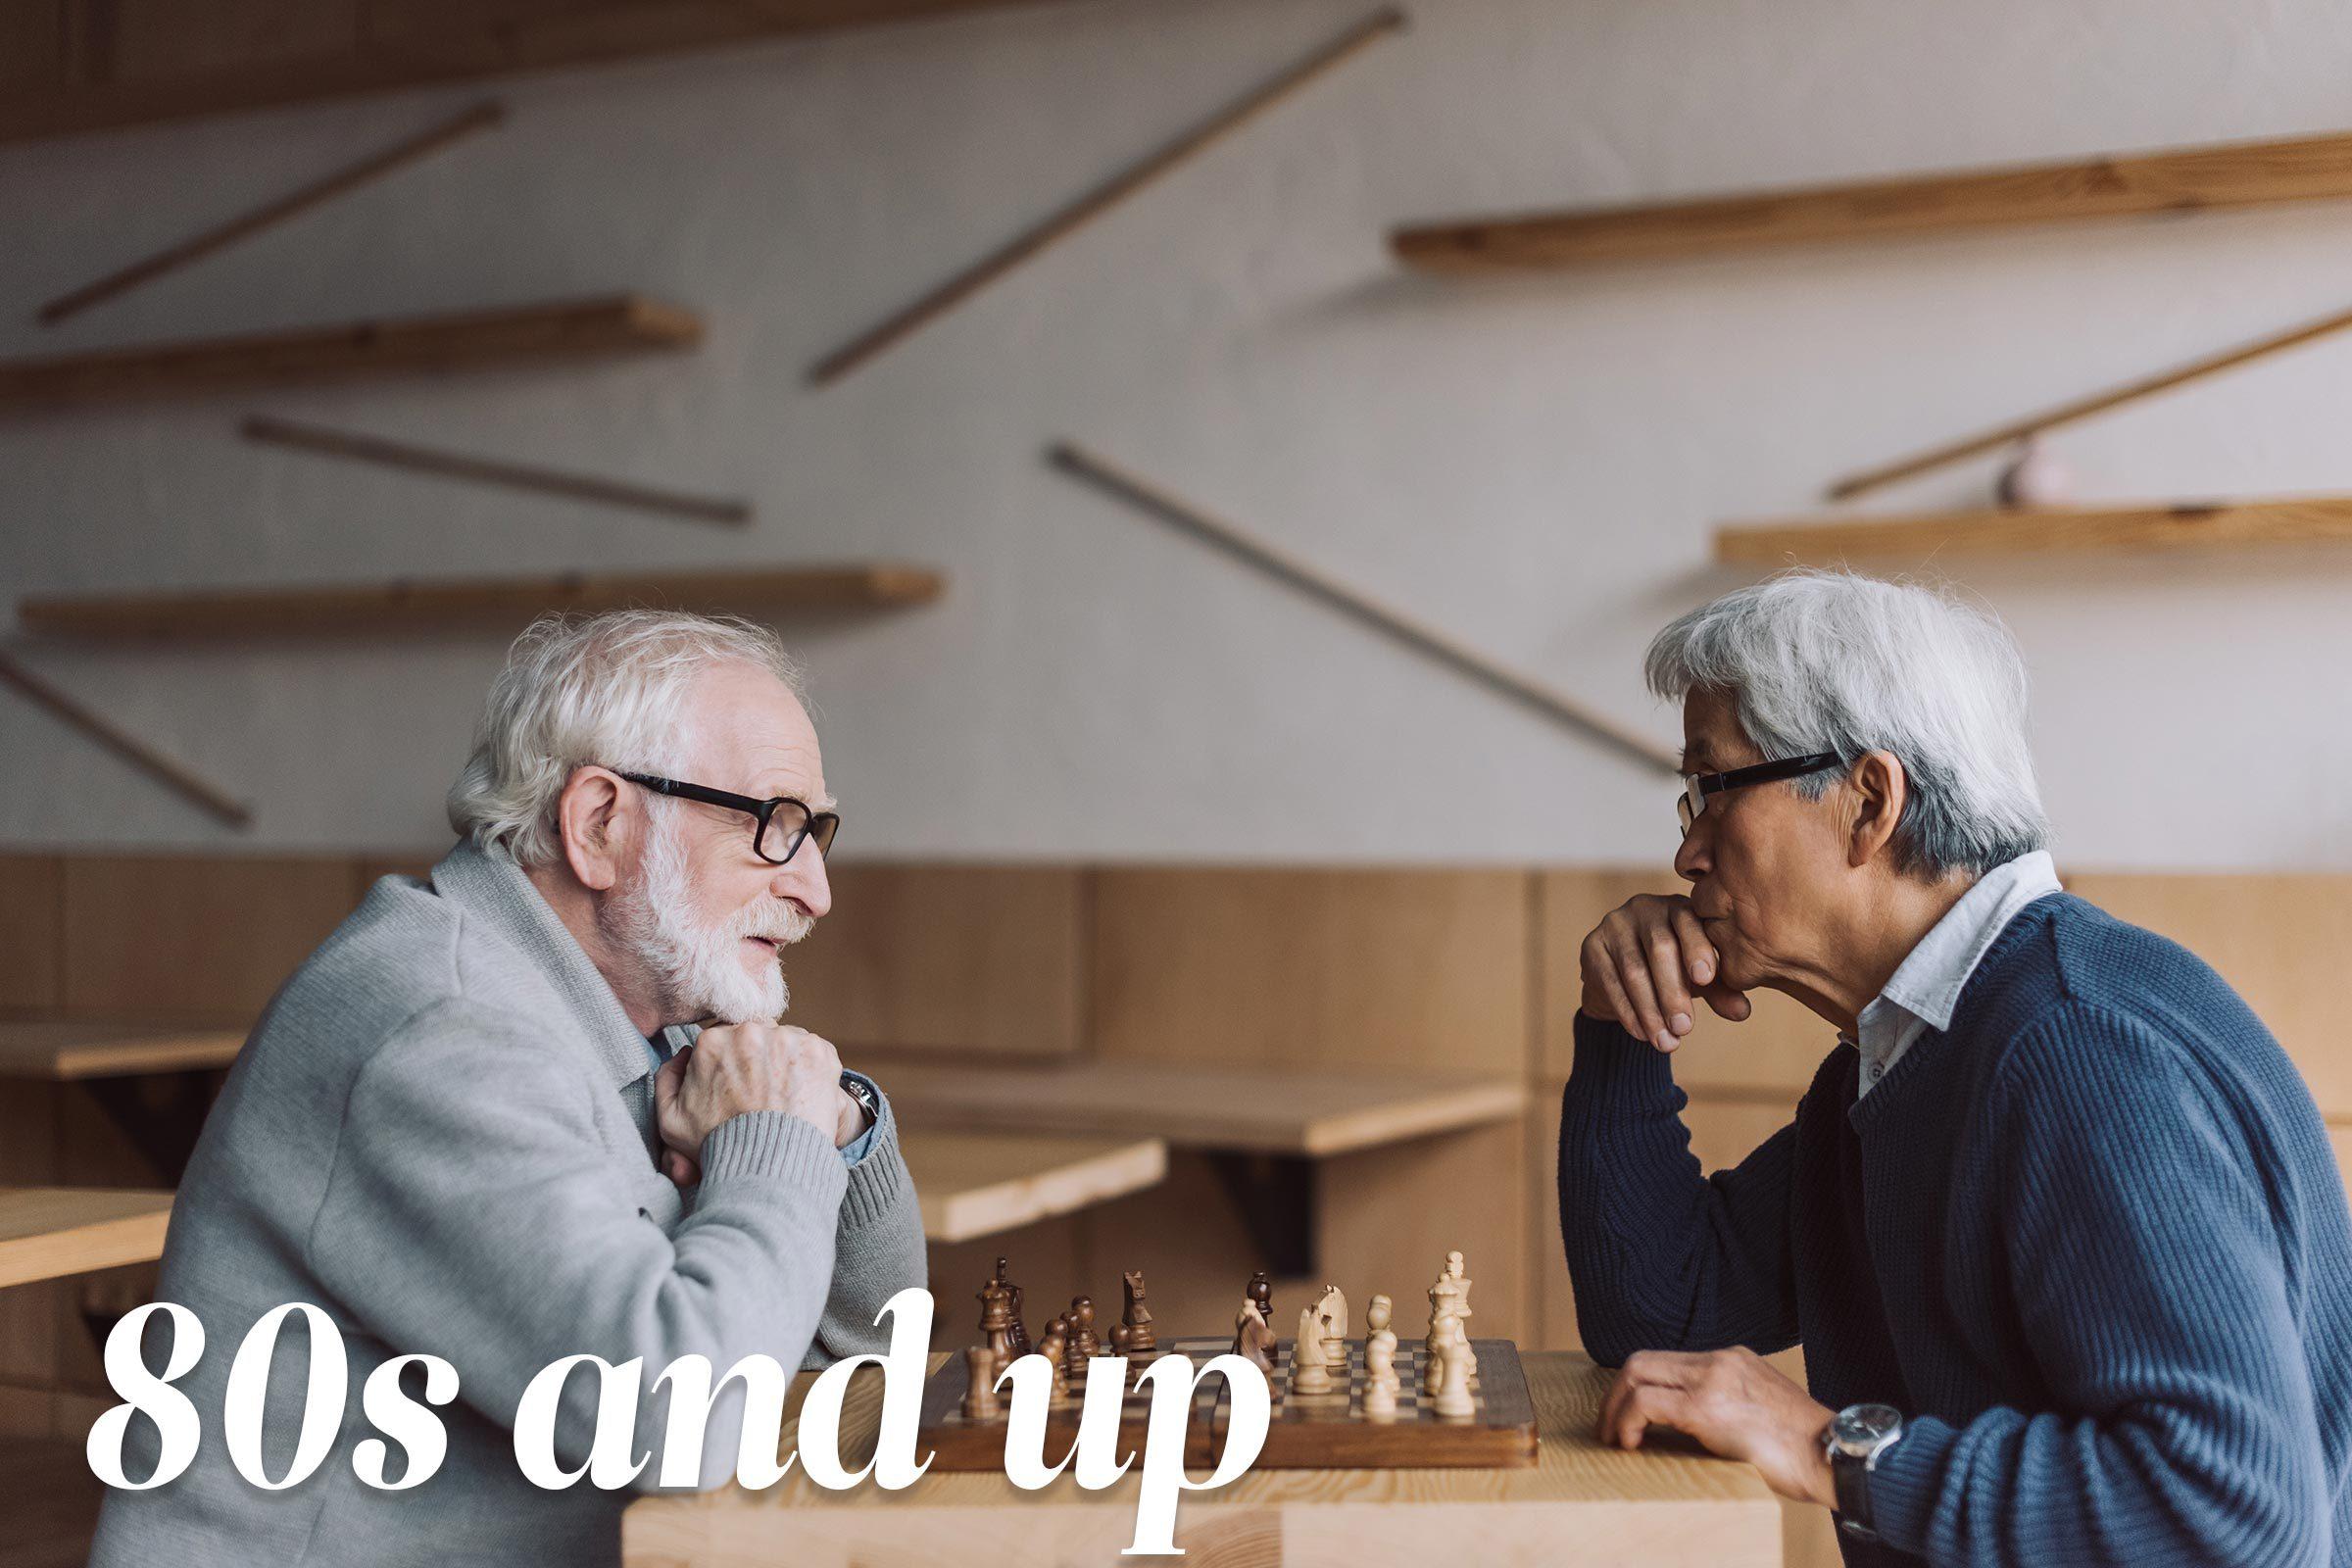 mature men play chess